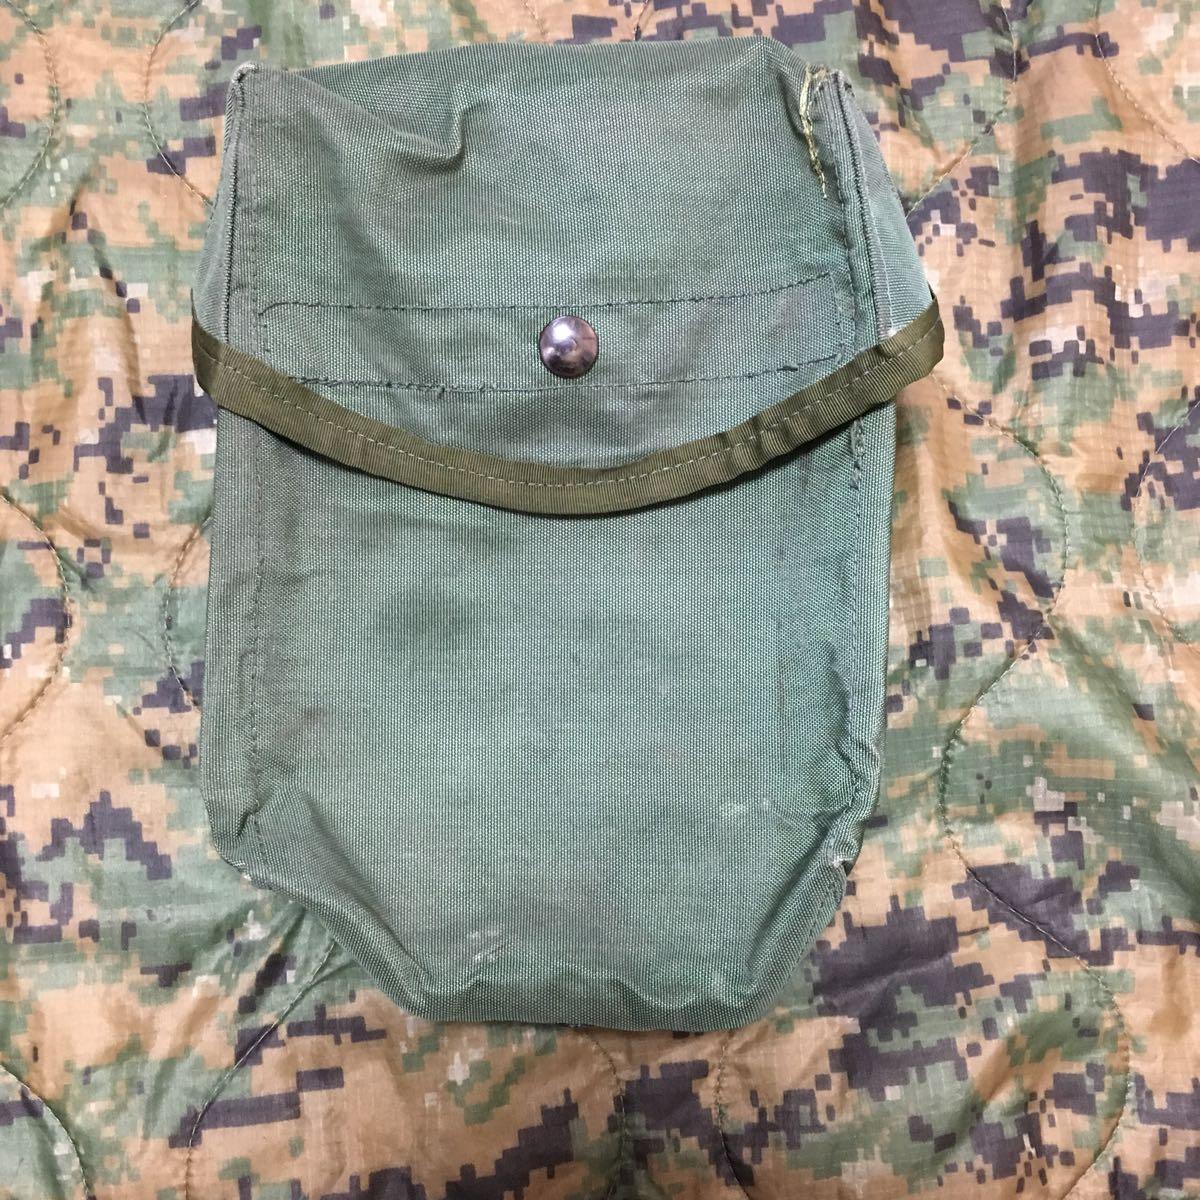 米軍 実物 カスタム 放出品 ポーチ 特殊 部隊 マガジン ポーチ OD_画像1